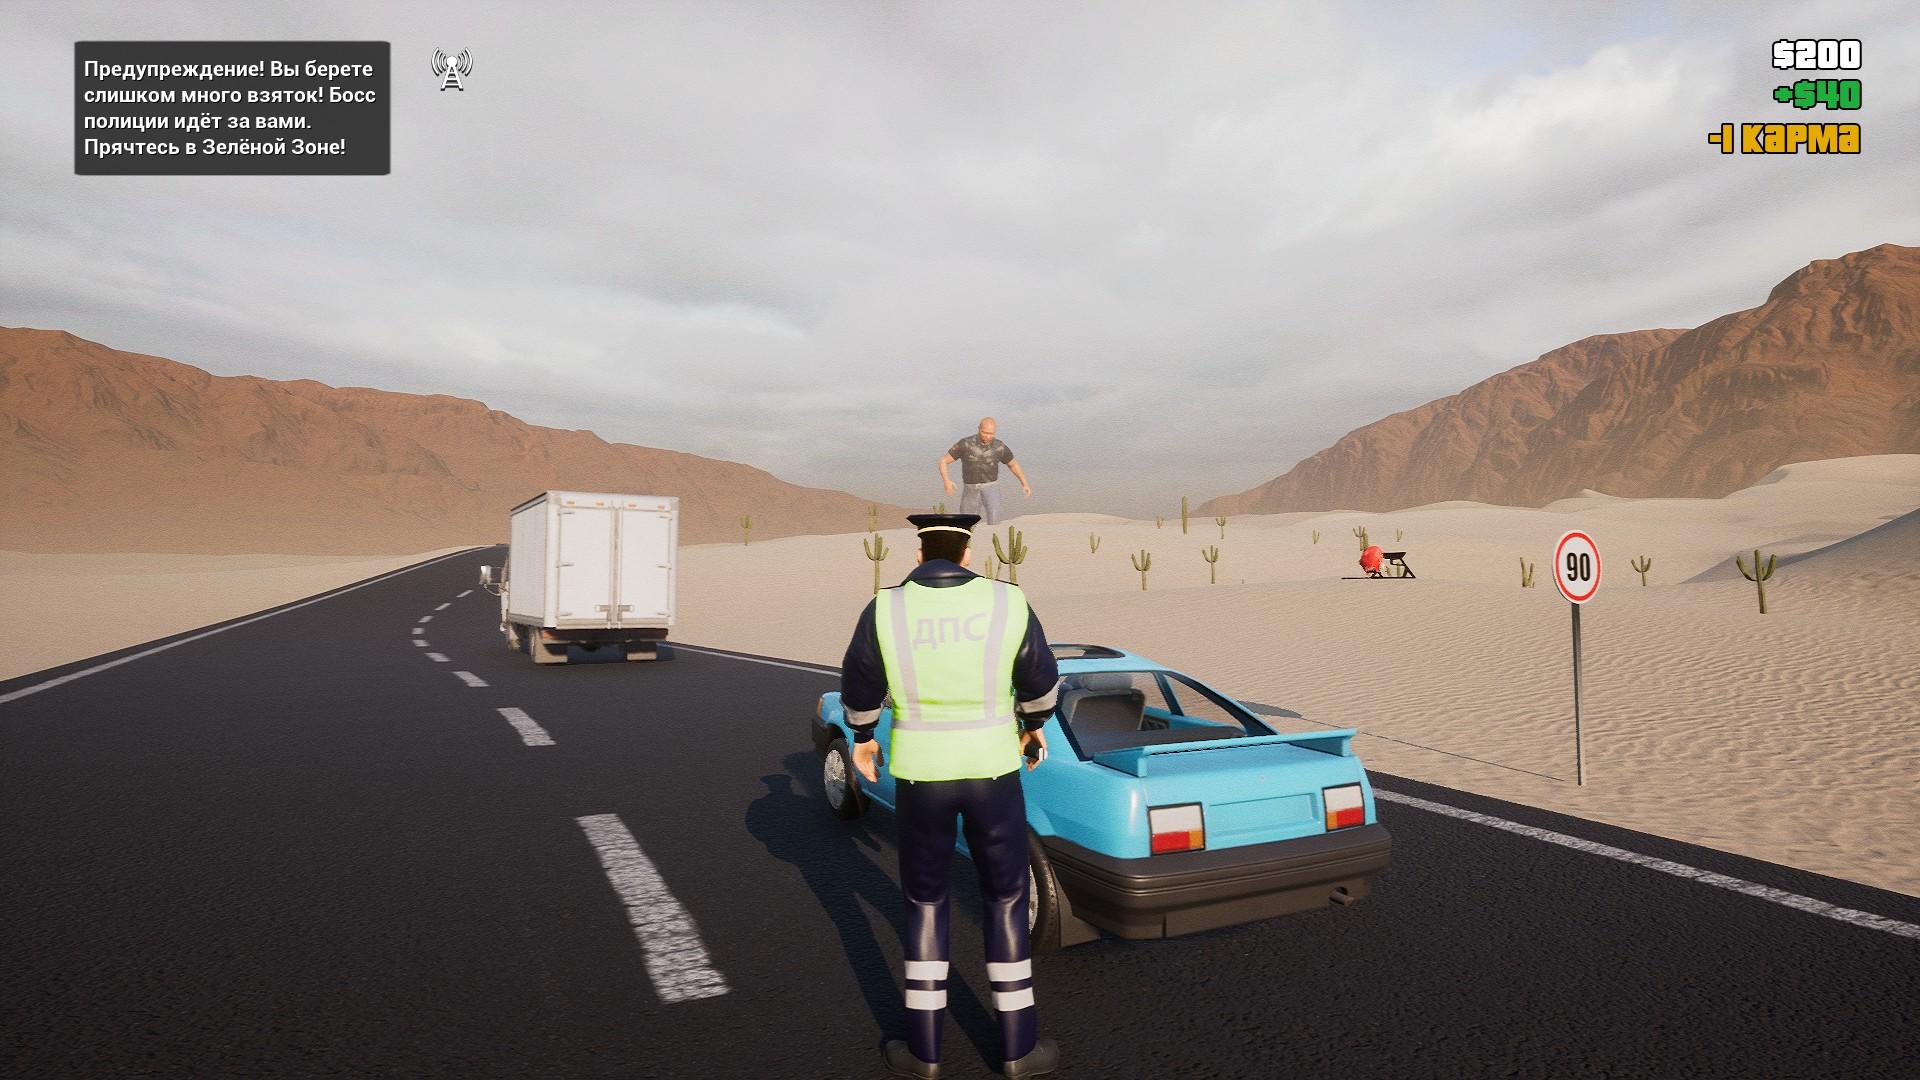 GAI Stops Auto: Right Version image 53